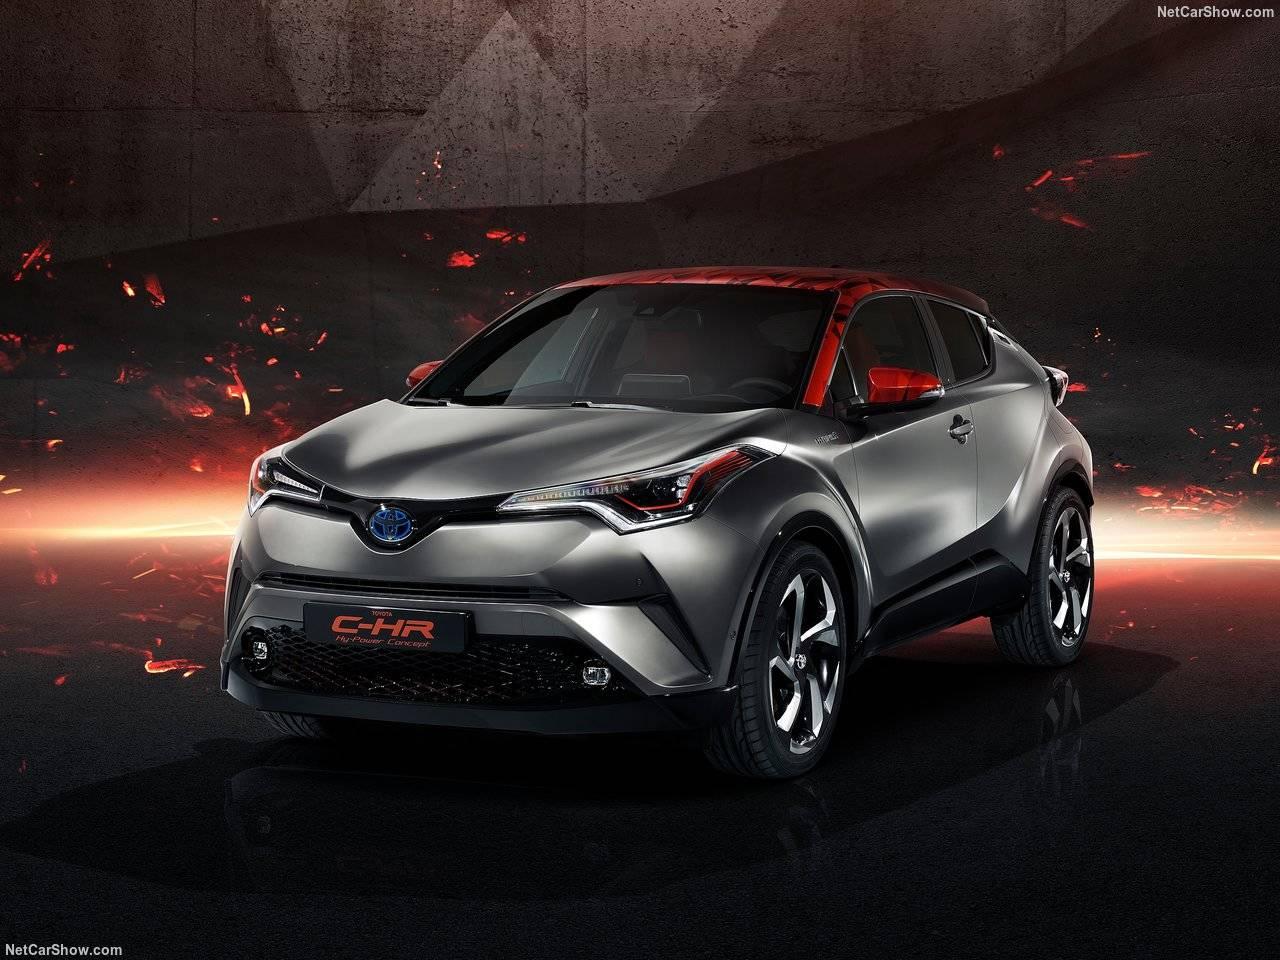 トヨタC-HR Hy-Power 2018年初頭に発売か?